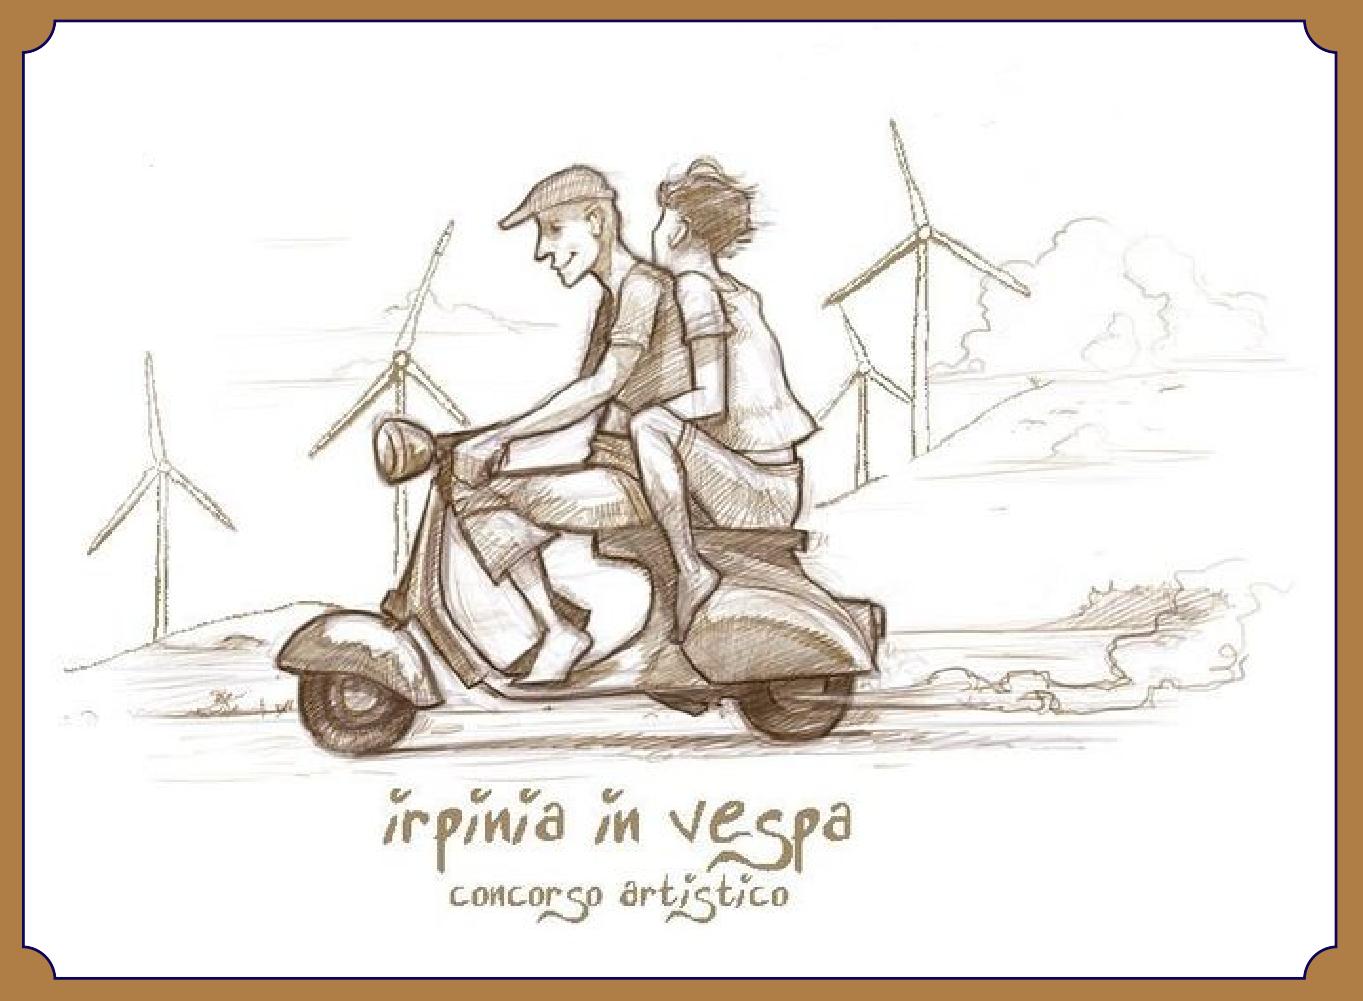 Irpinia in Vespa